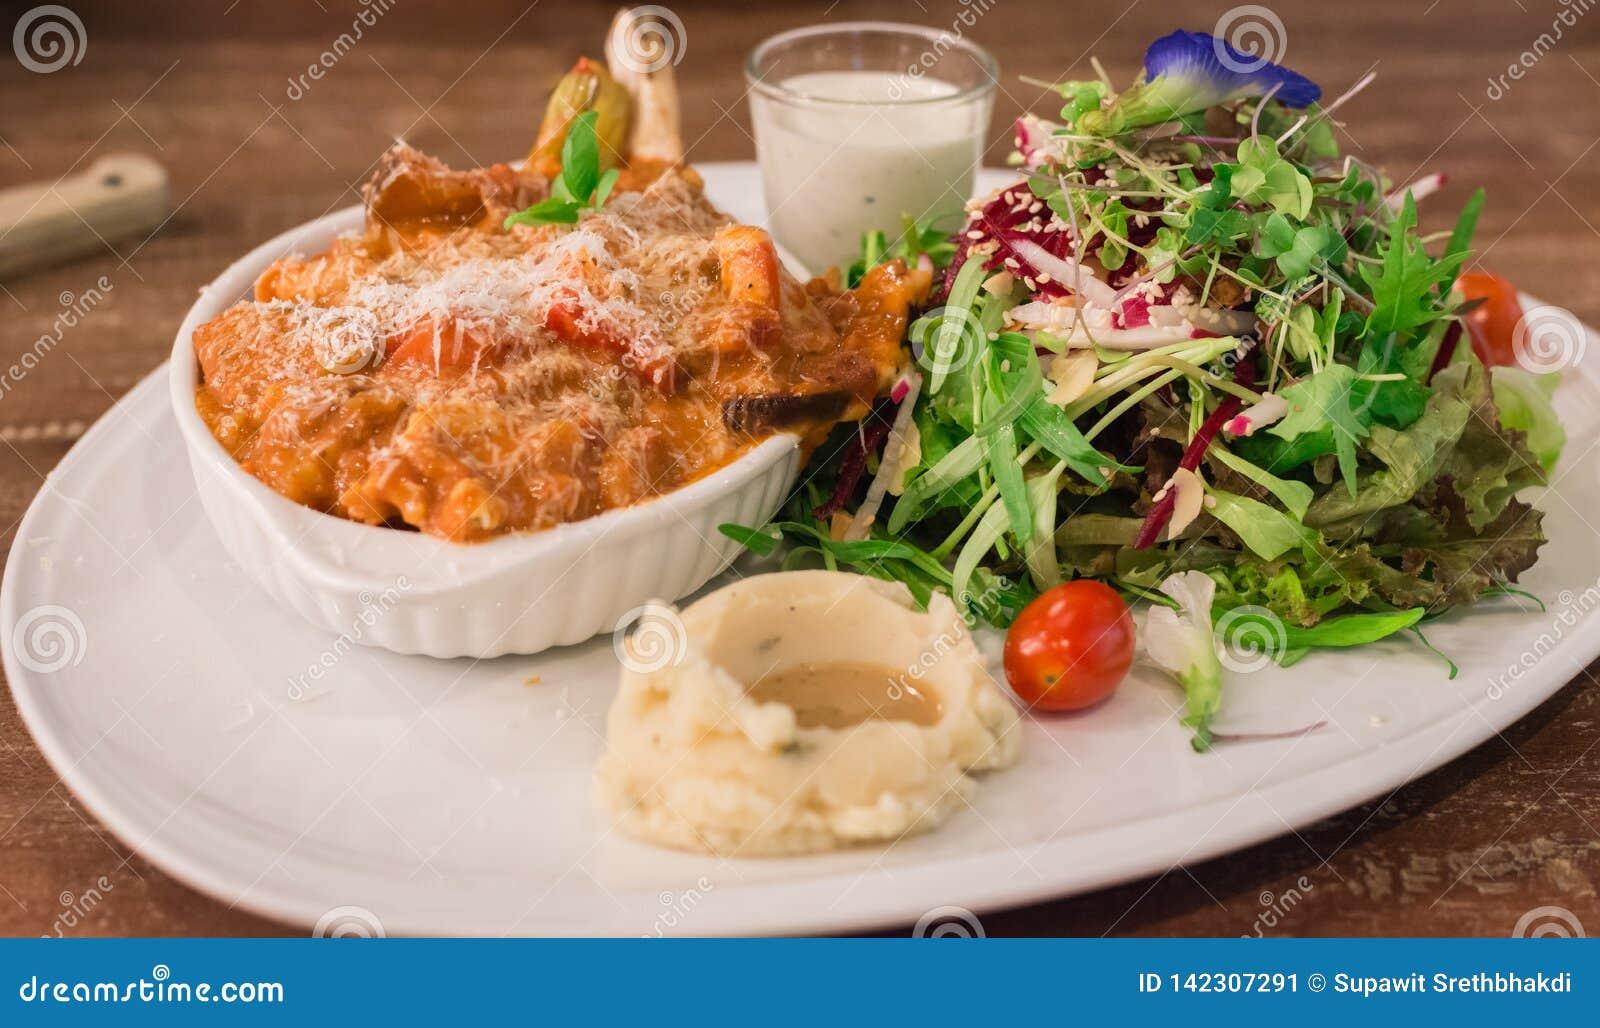 Corte francés de la chuleta de cerdo con la salsa, la ensalada orgánica y el puré de patata con salsa